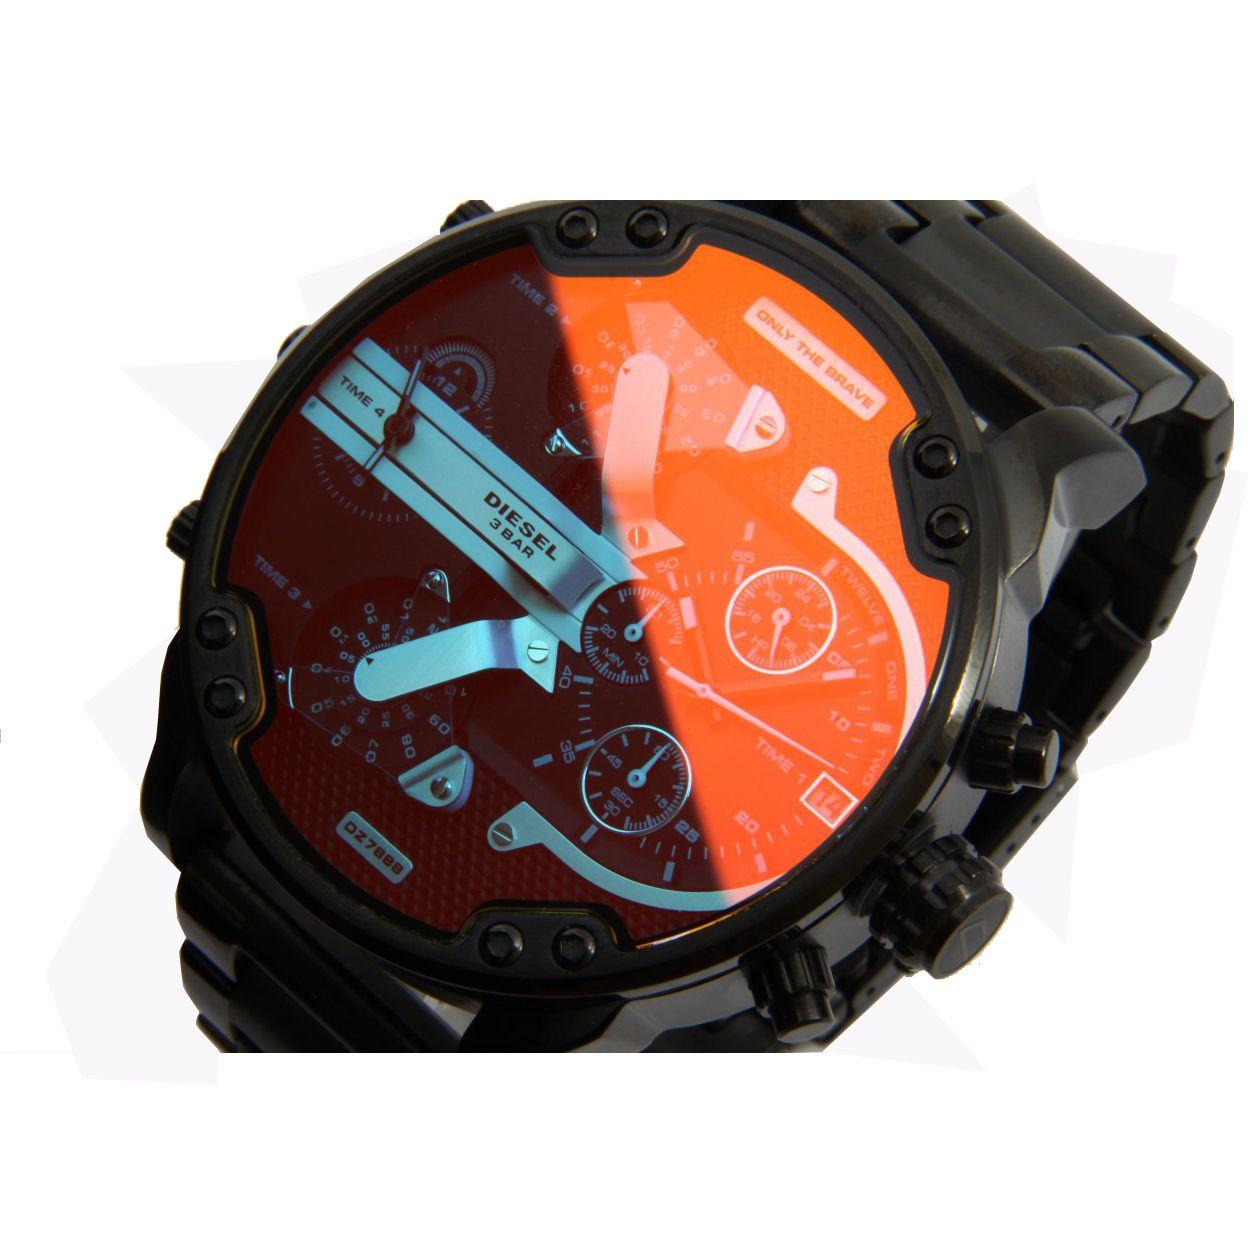 ساعت مچی عقربه ای مردانه دیزل مدل DZ 4389 -  - 4